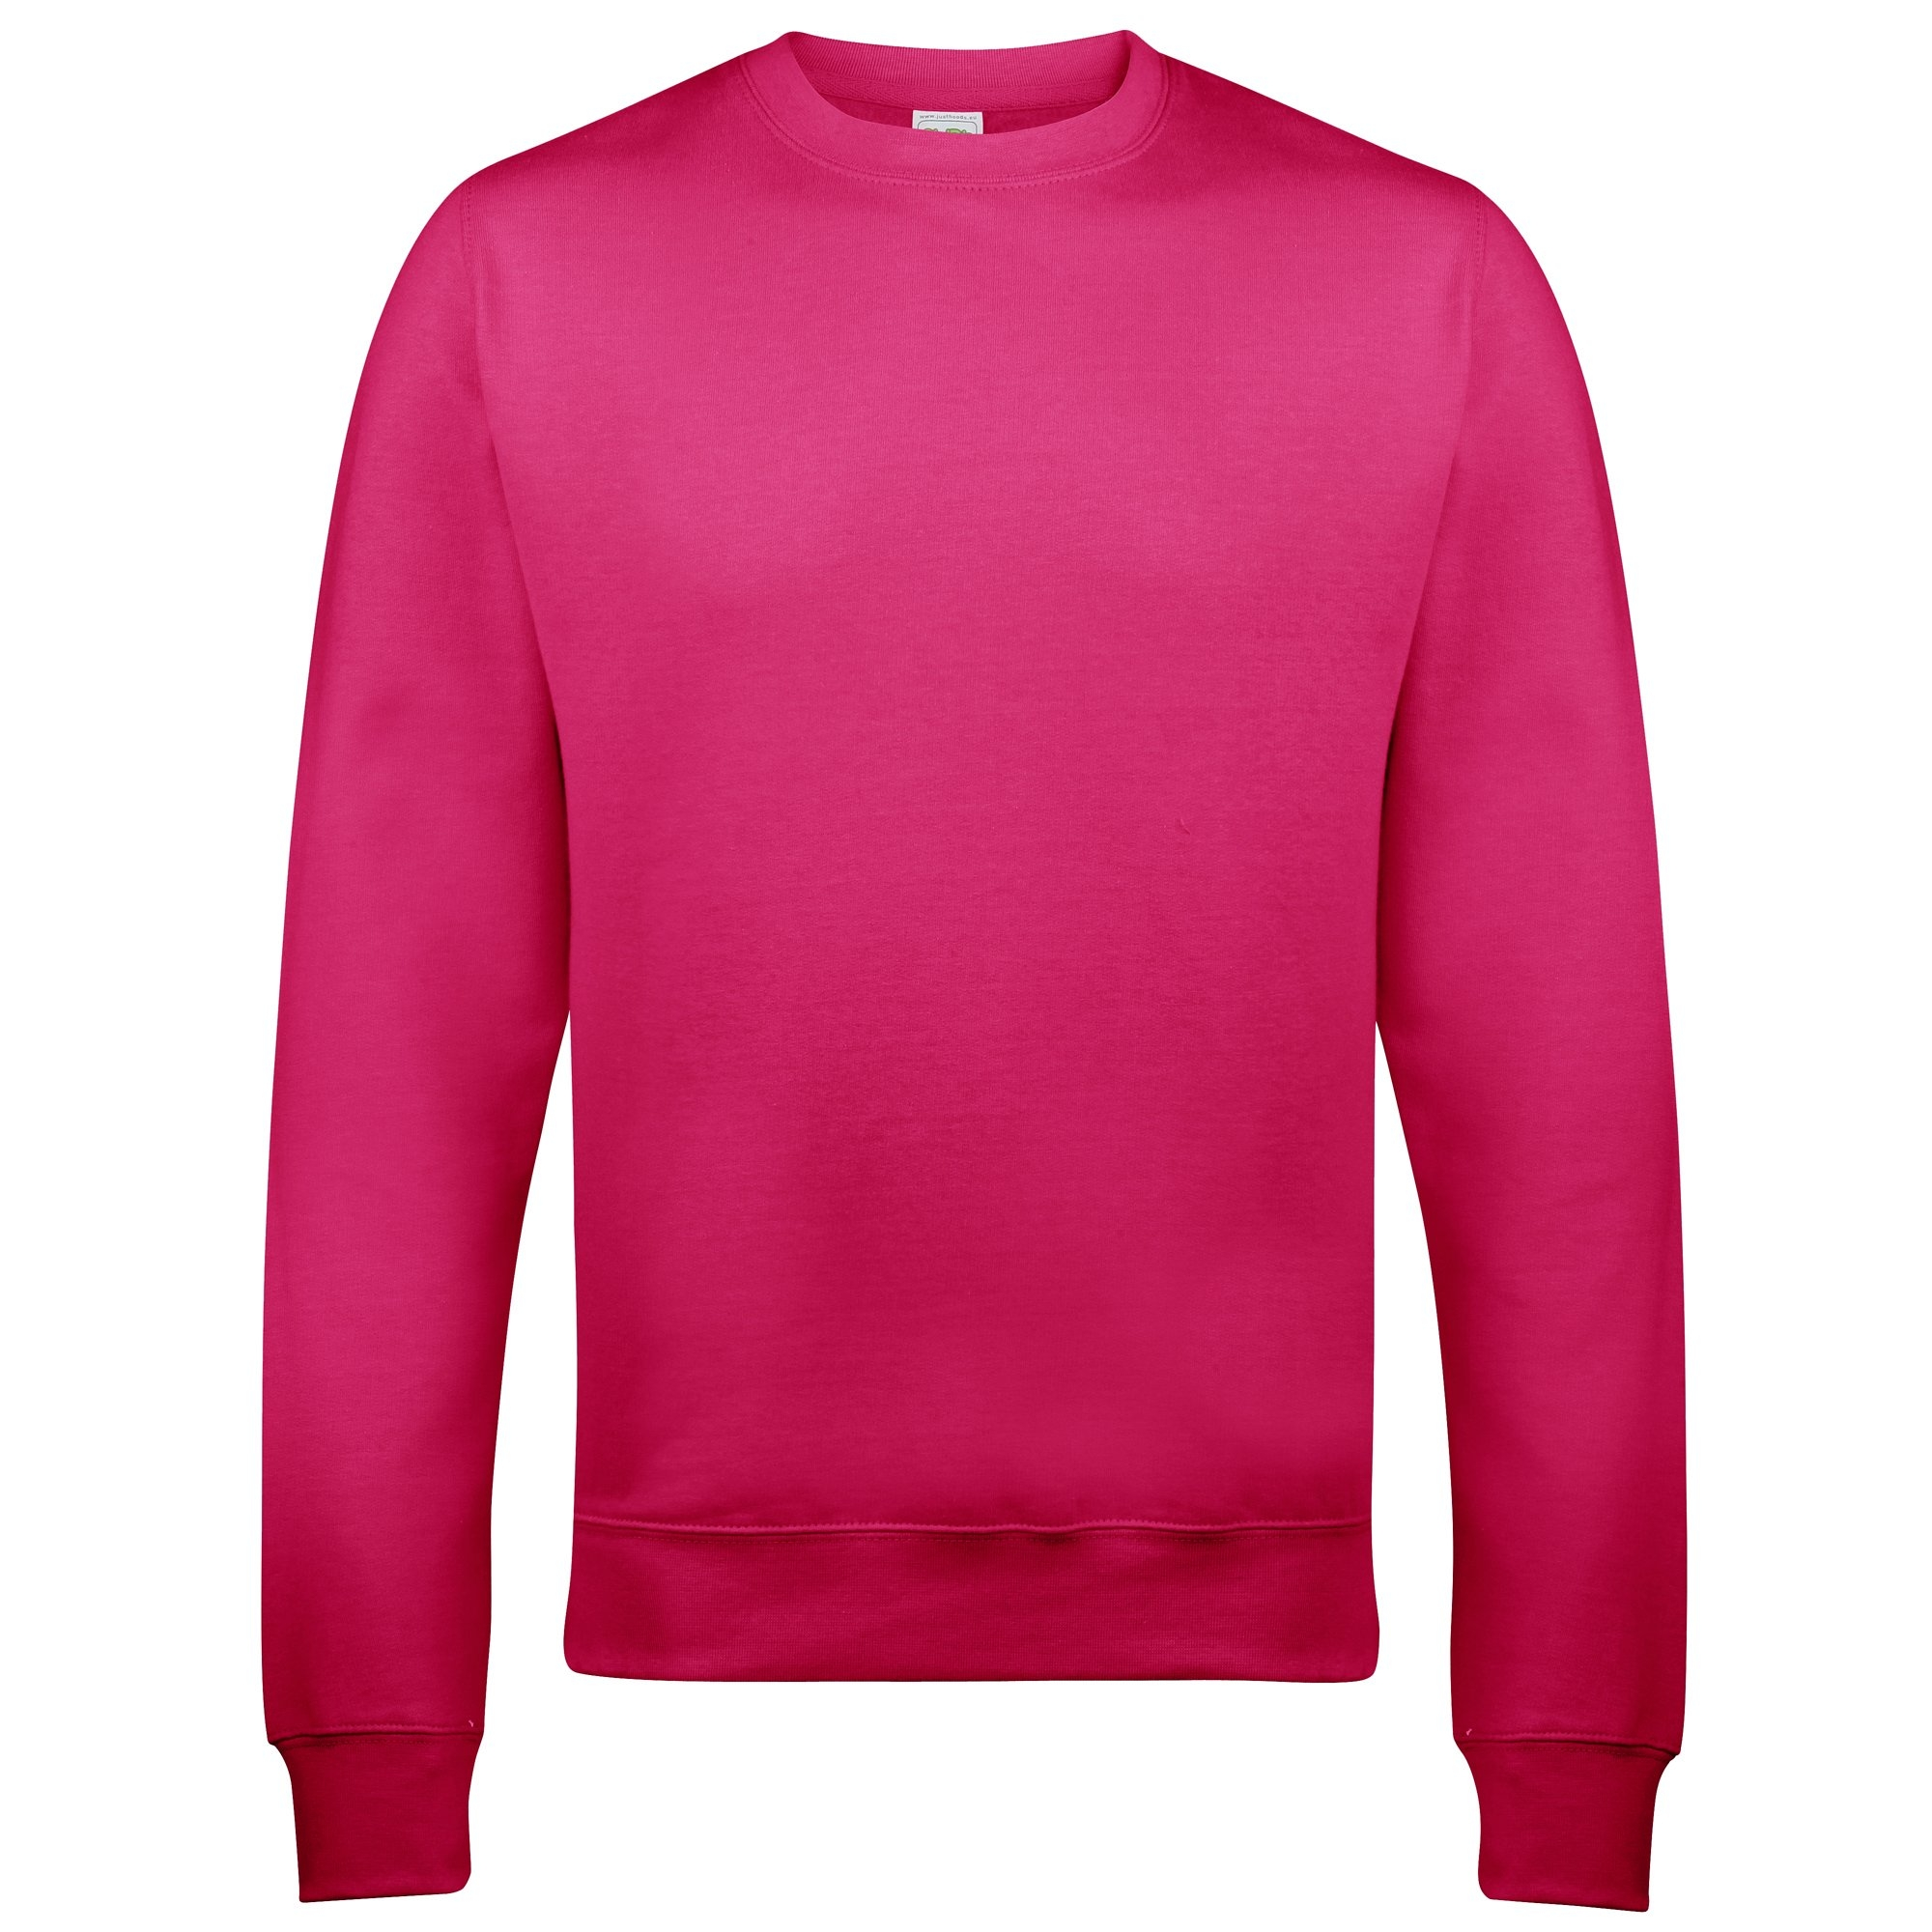 AWDIS trui met ronde hals »Just Hoods Unisex Sweatshirt mit Rundhalsausschnitt« goedkoop op otto.nl kopen